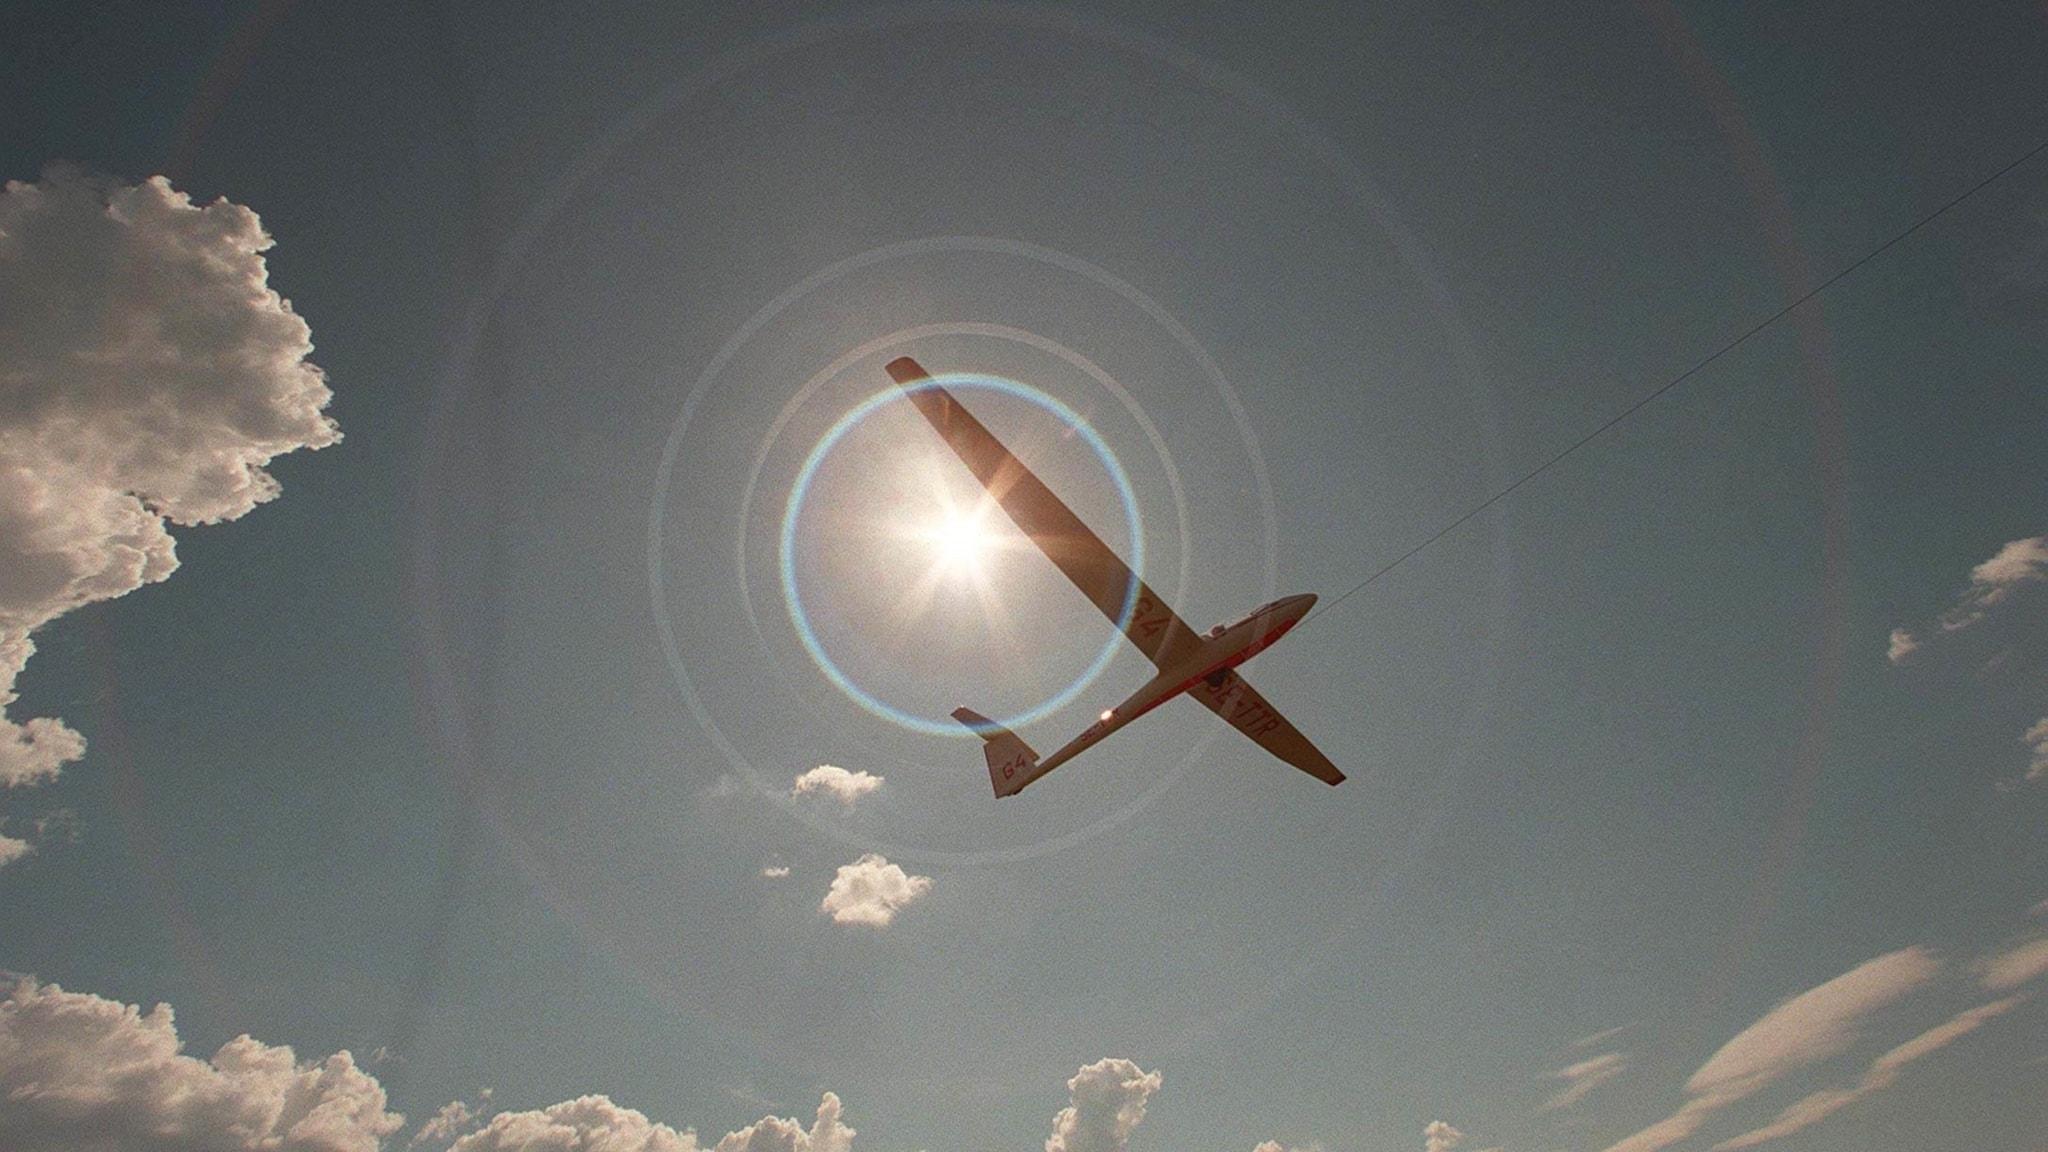 #Kielipuoli: Lentävä venäjänkielinen ympäristöstrategi ja upouusi kolumnisti